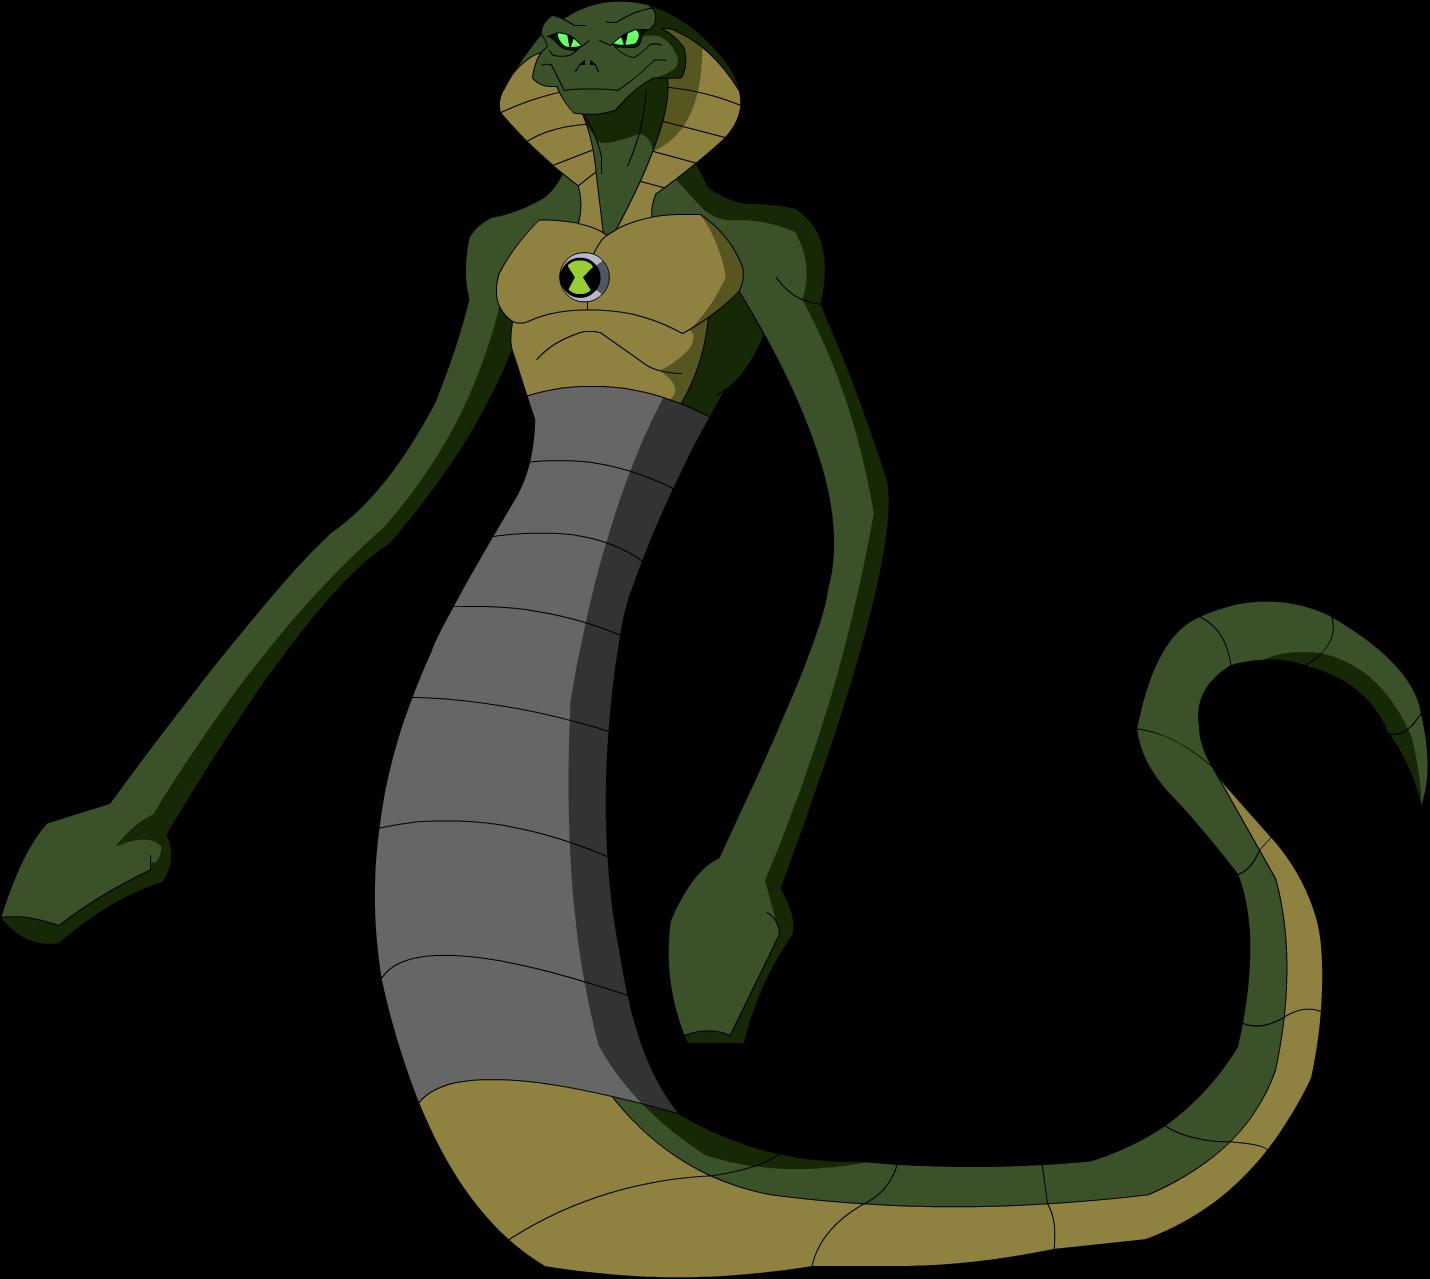 Image snakepit png ben. Cobra clipart snake pit